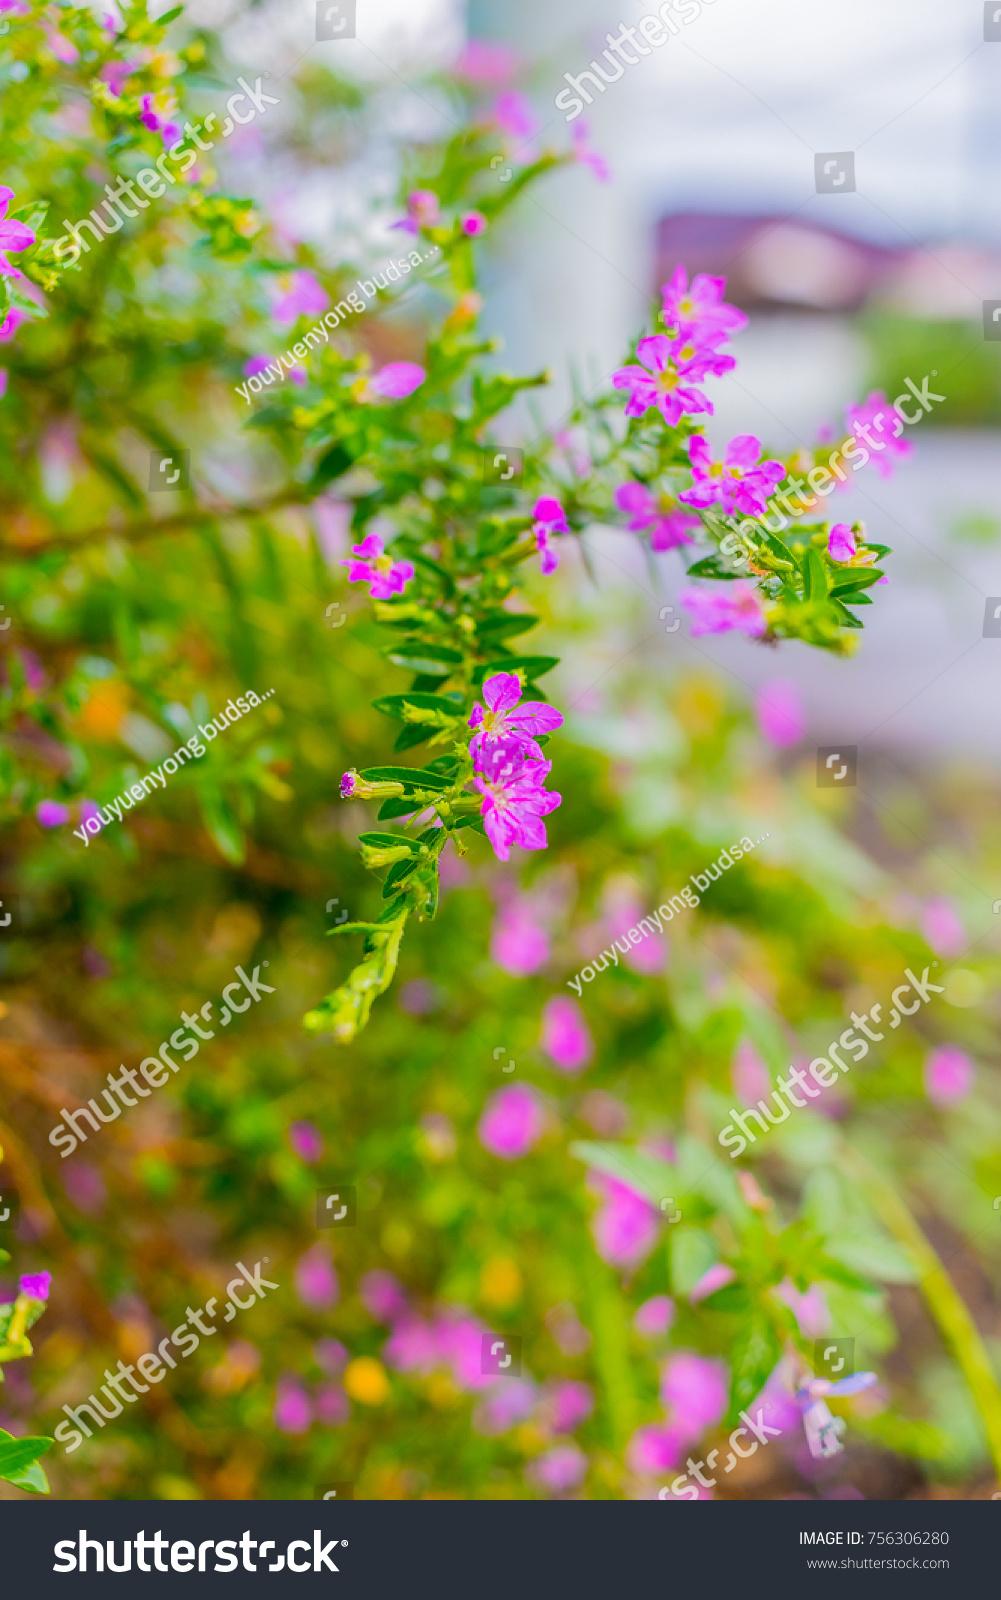 Beautiful Purple Flowers On The Sidewalk In The Morning Garden